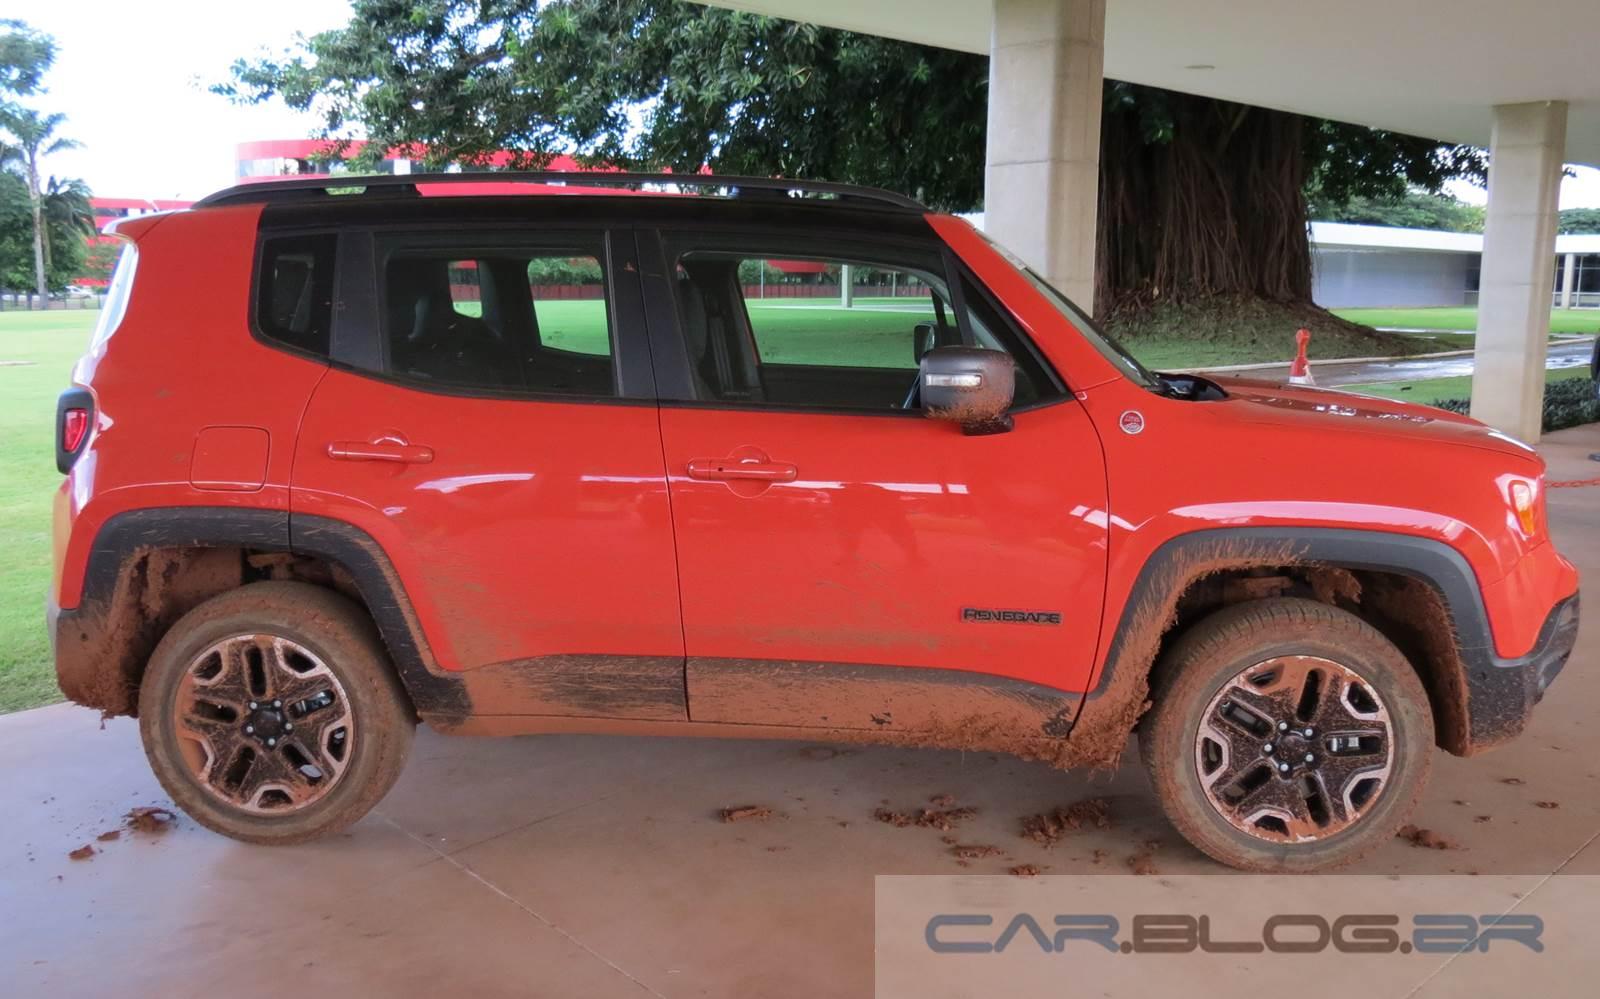 Jeep Renegade 2.0 Diesel - Brasil